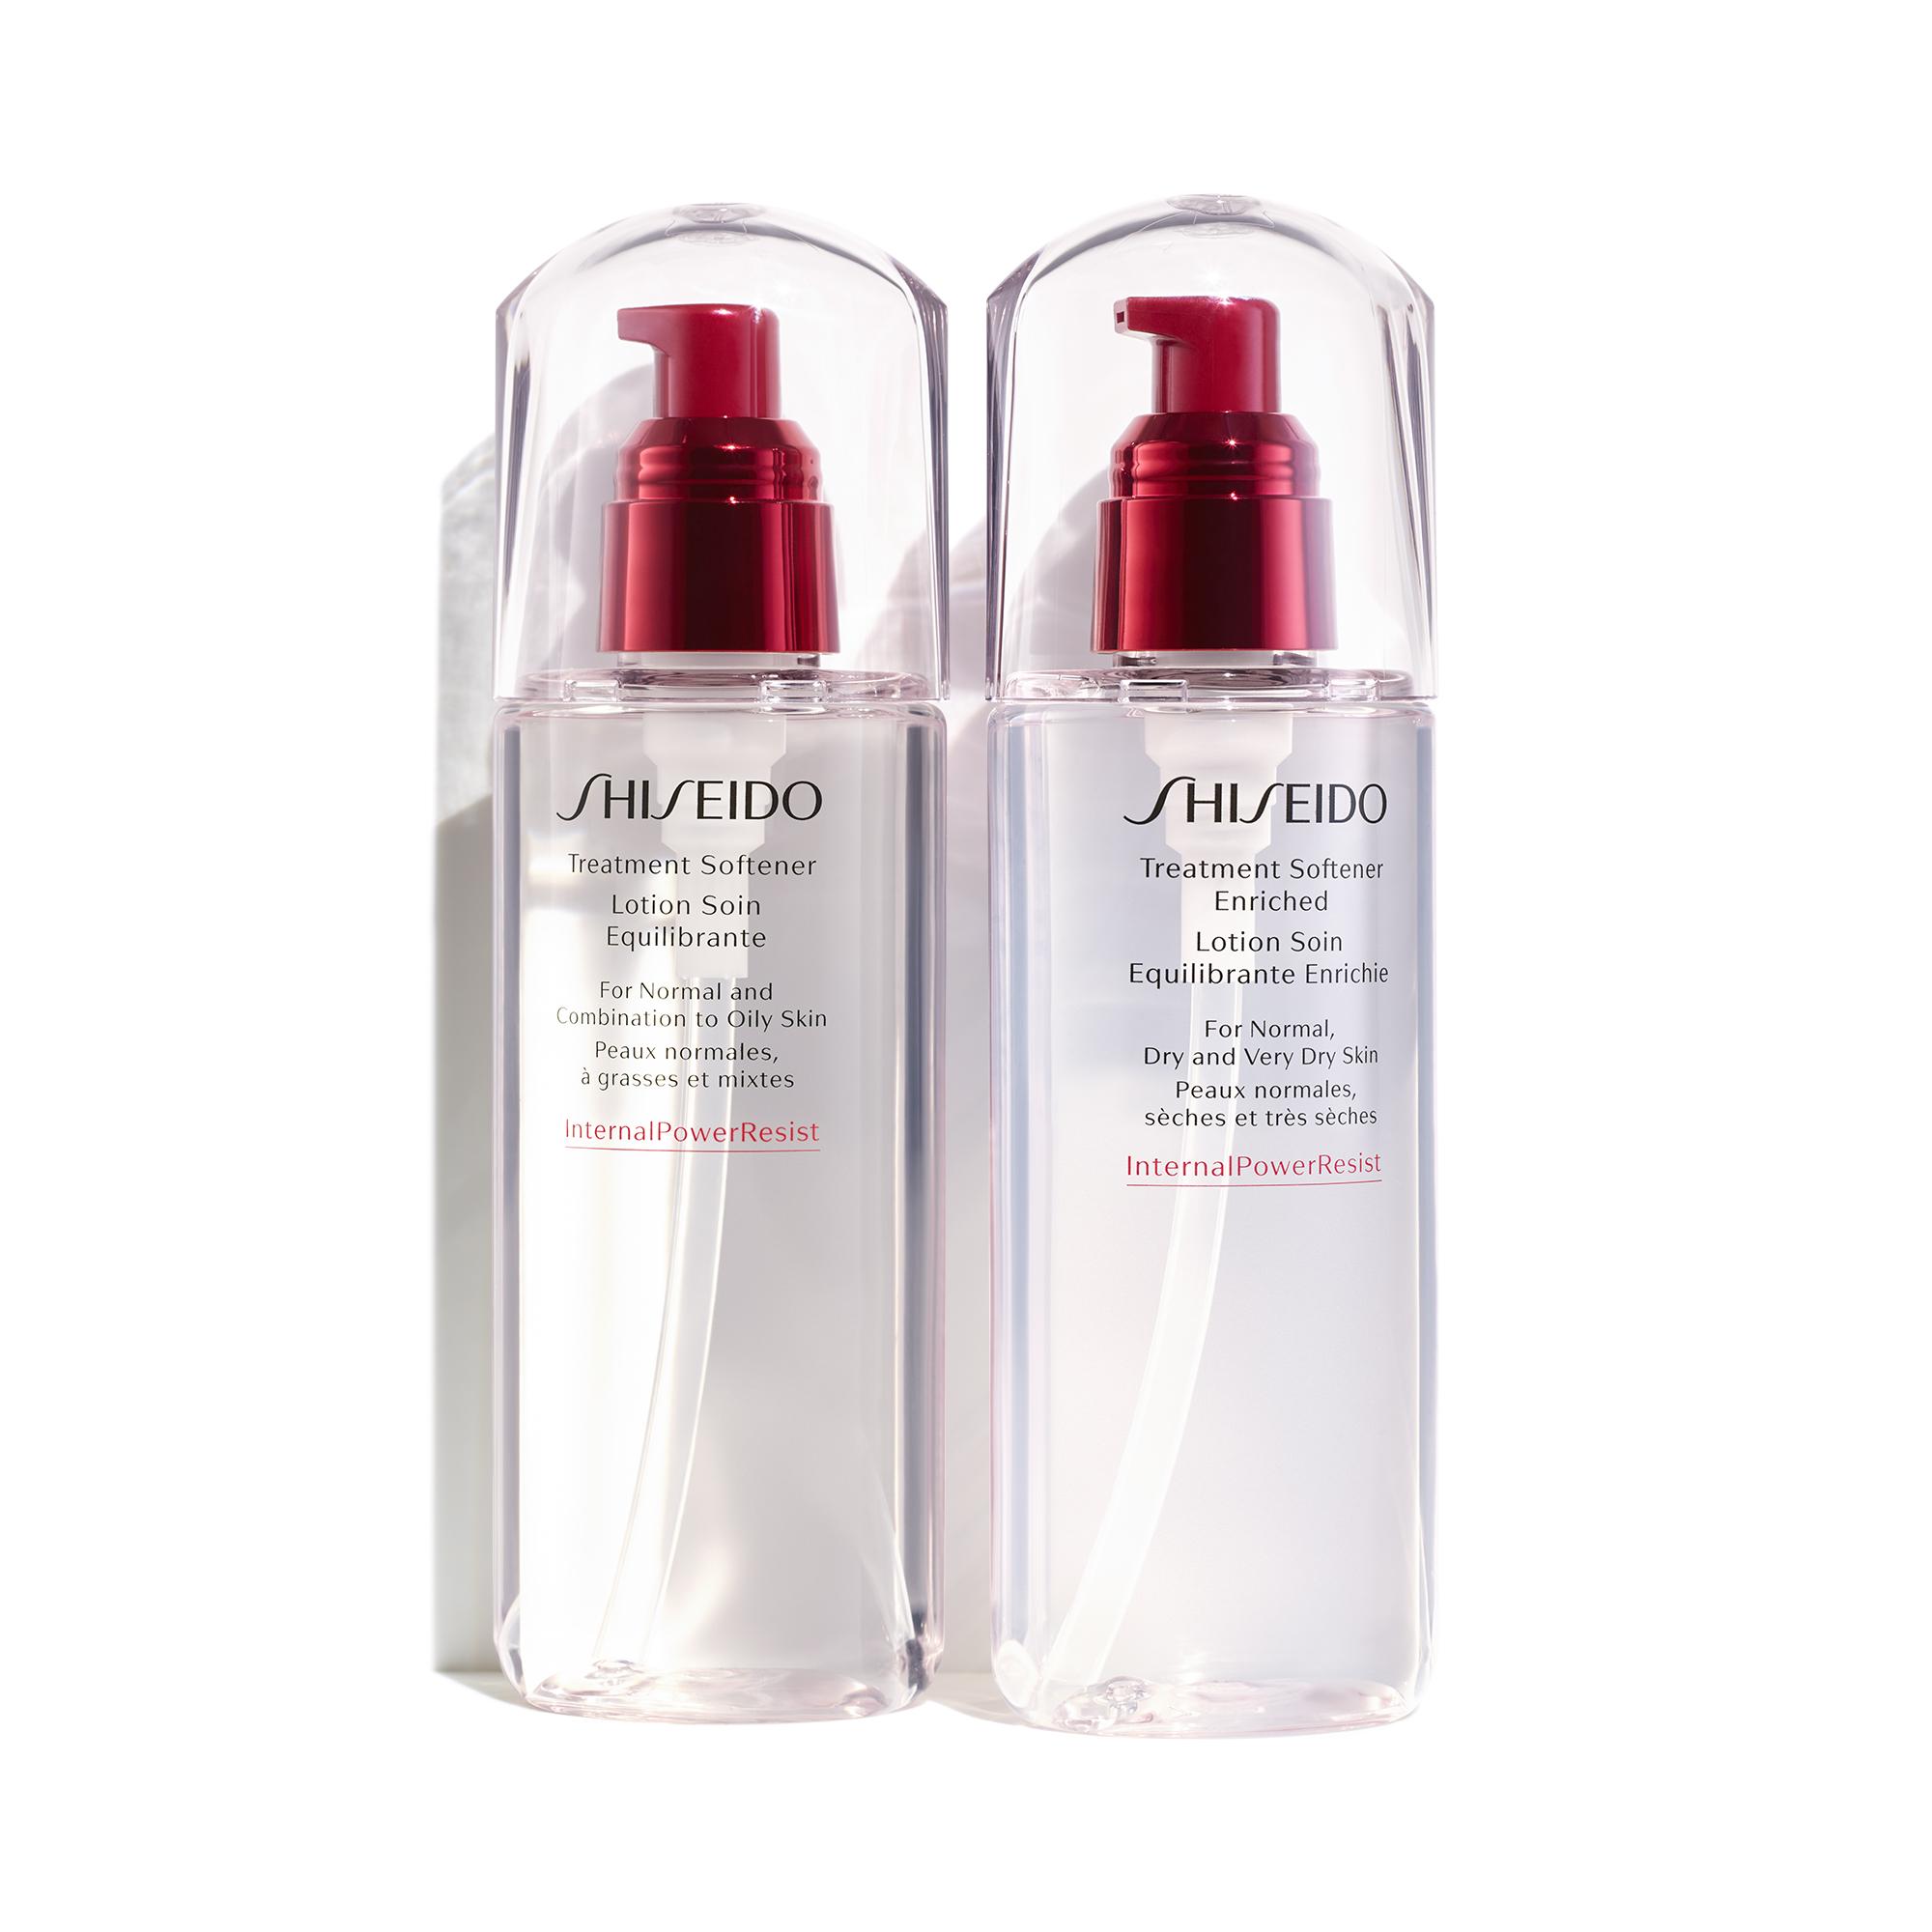 �ล�าร���หารู��า�สำหรั� shiseido treatment softener